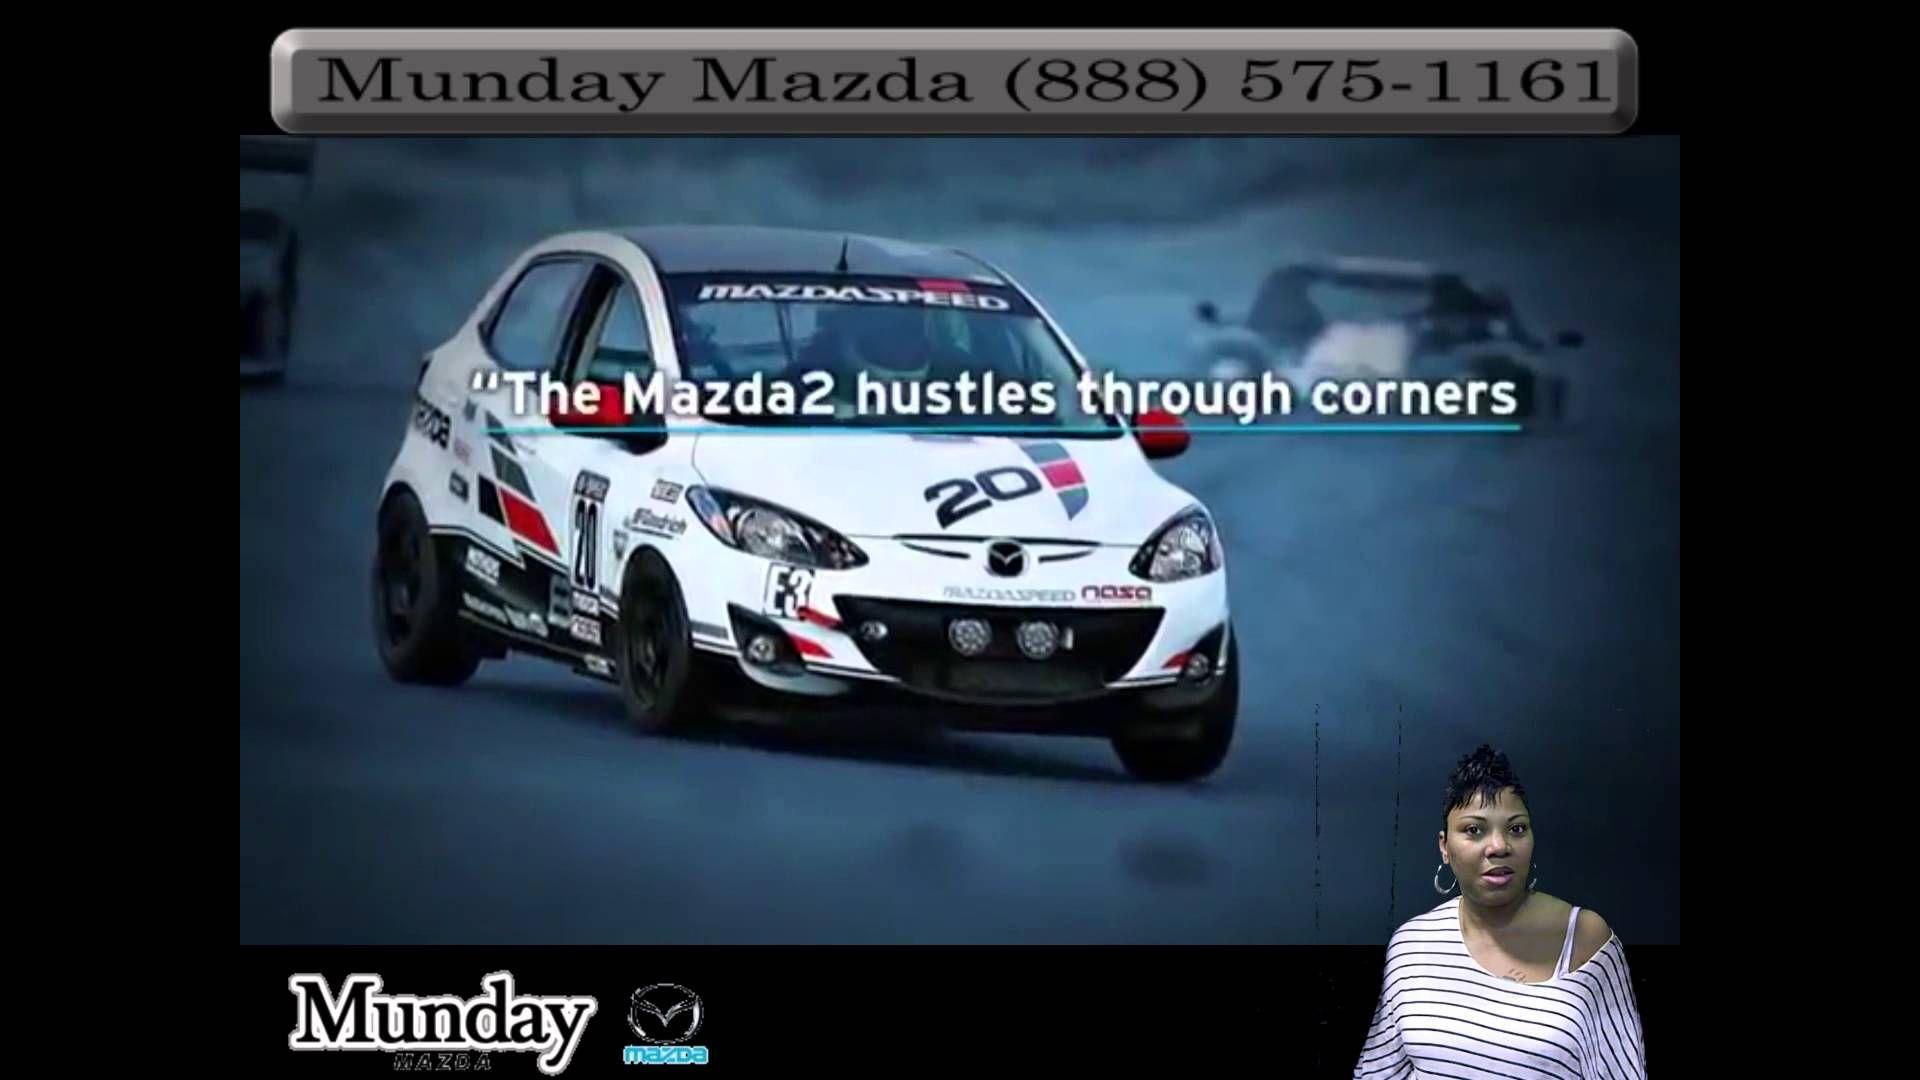 alvin, TX Munday Mazda Dealer Review 2013 Mazda 3 alvin